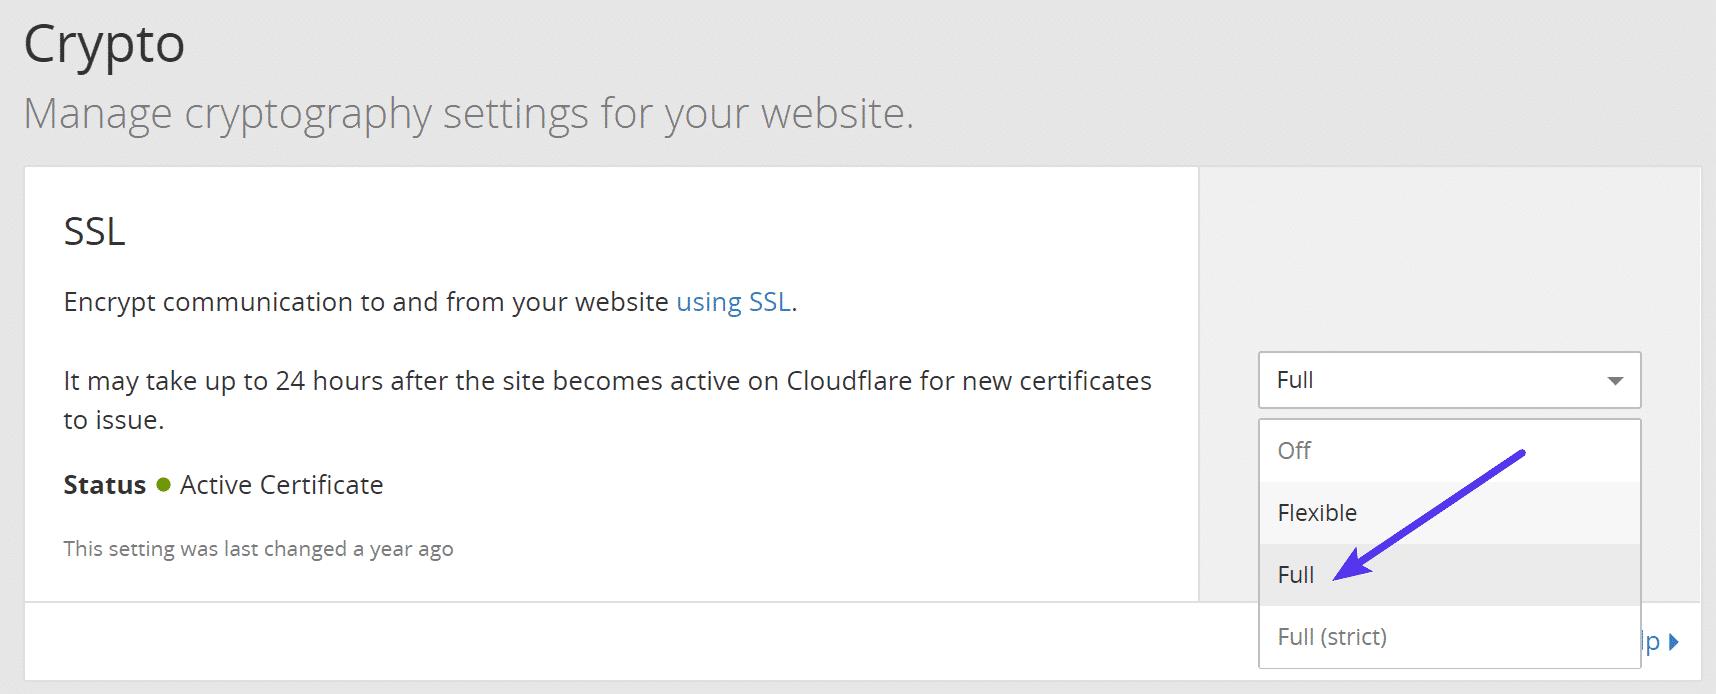 Sæt Cloudflare krypto niveau til fuld